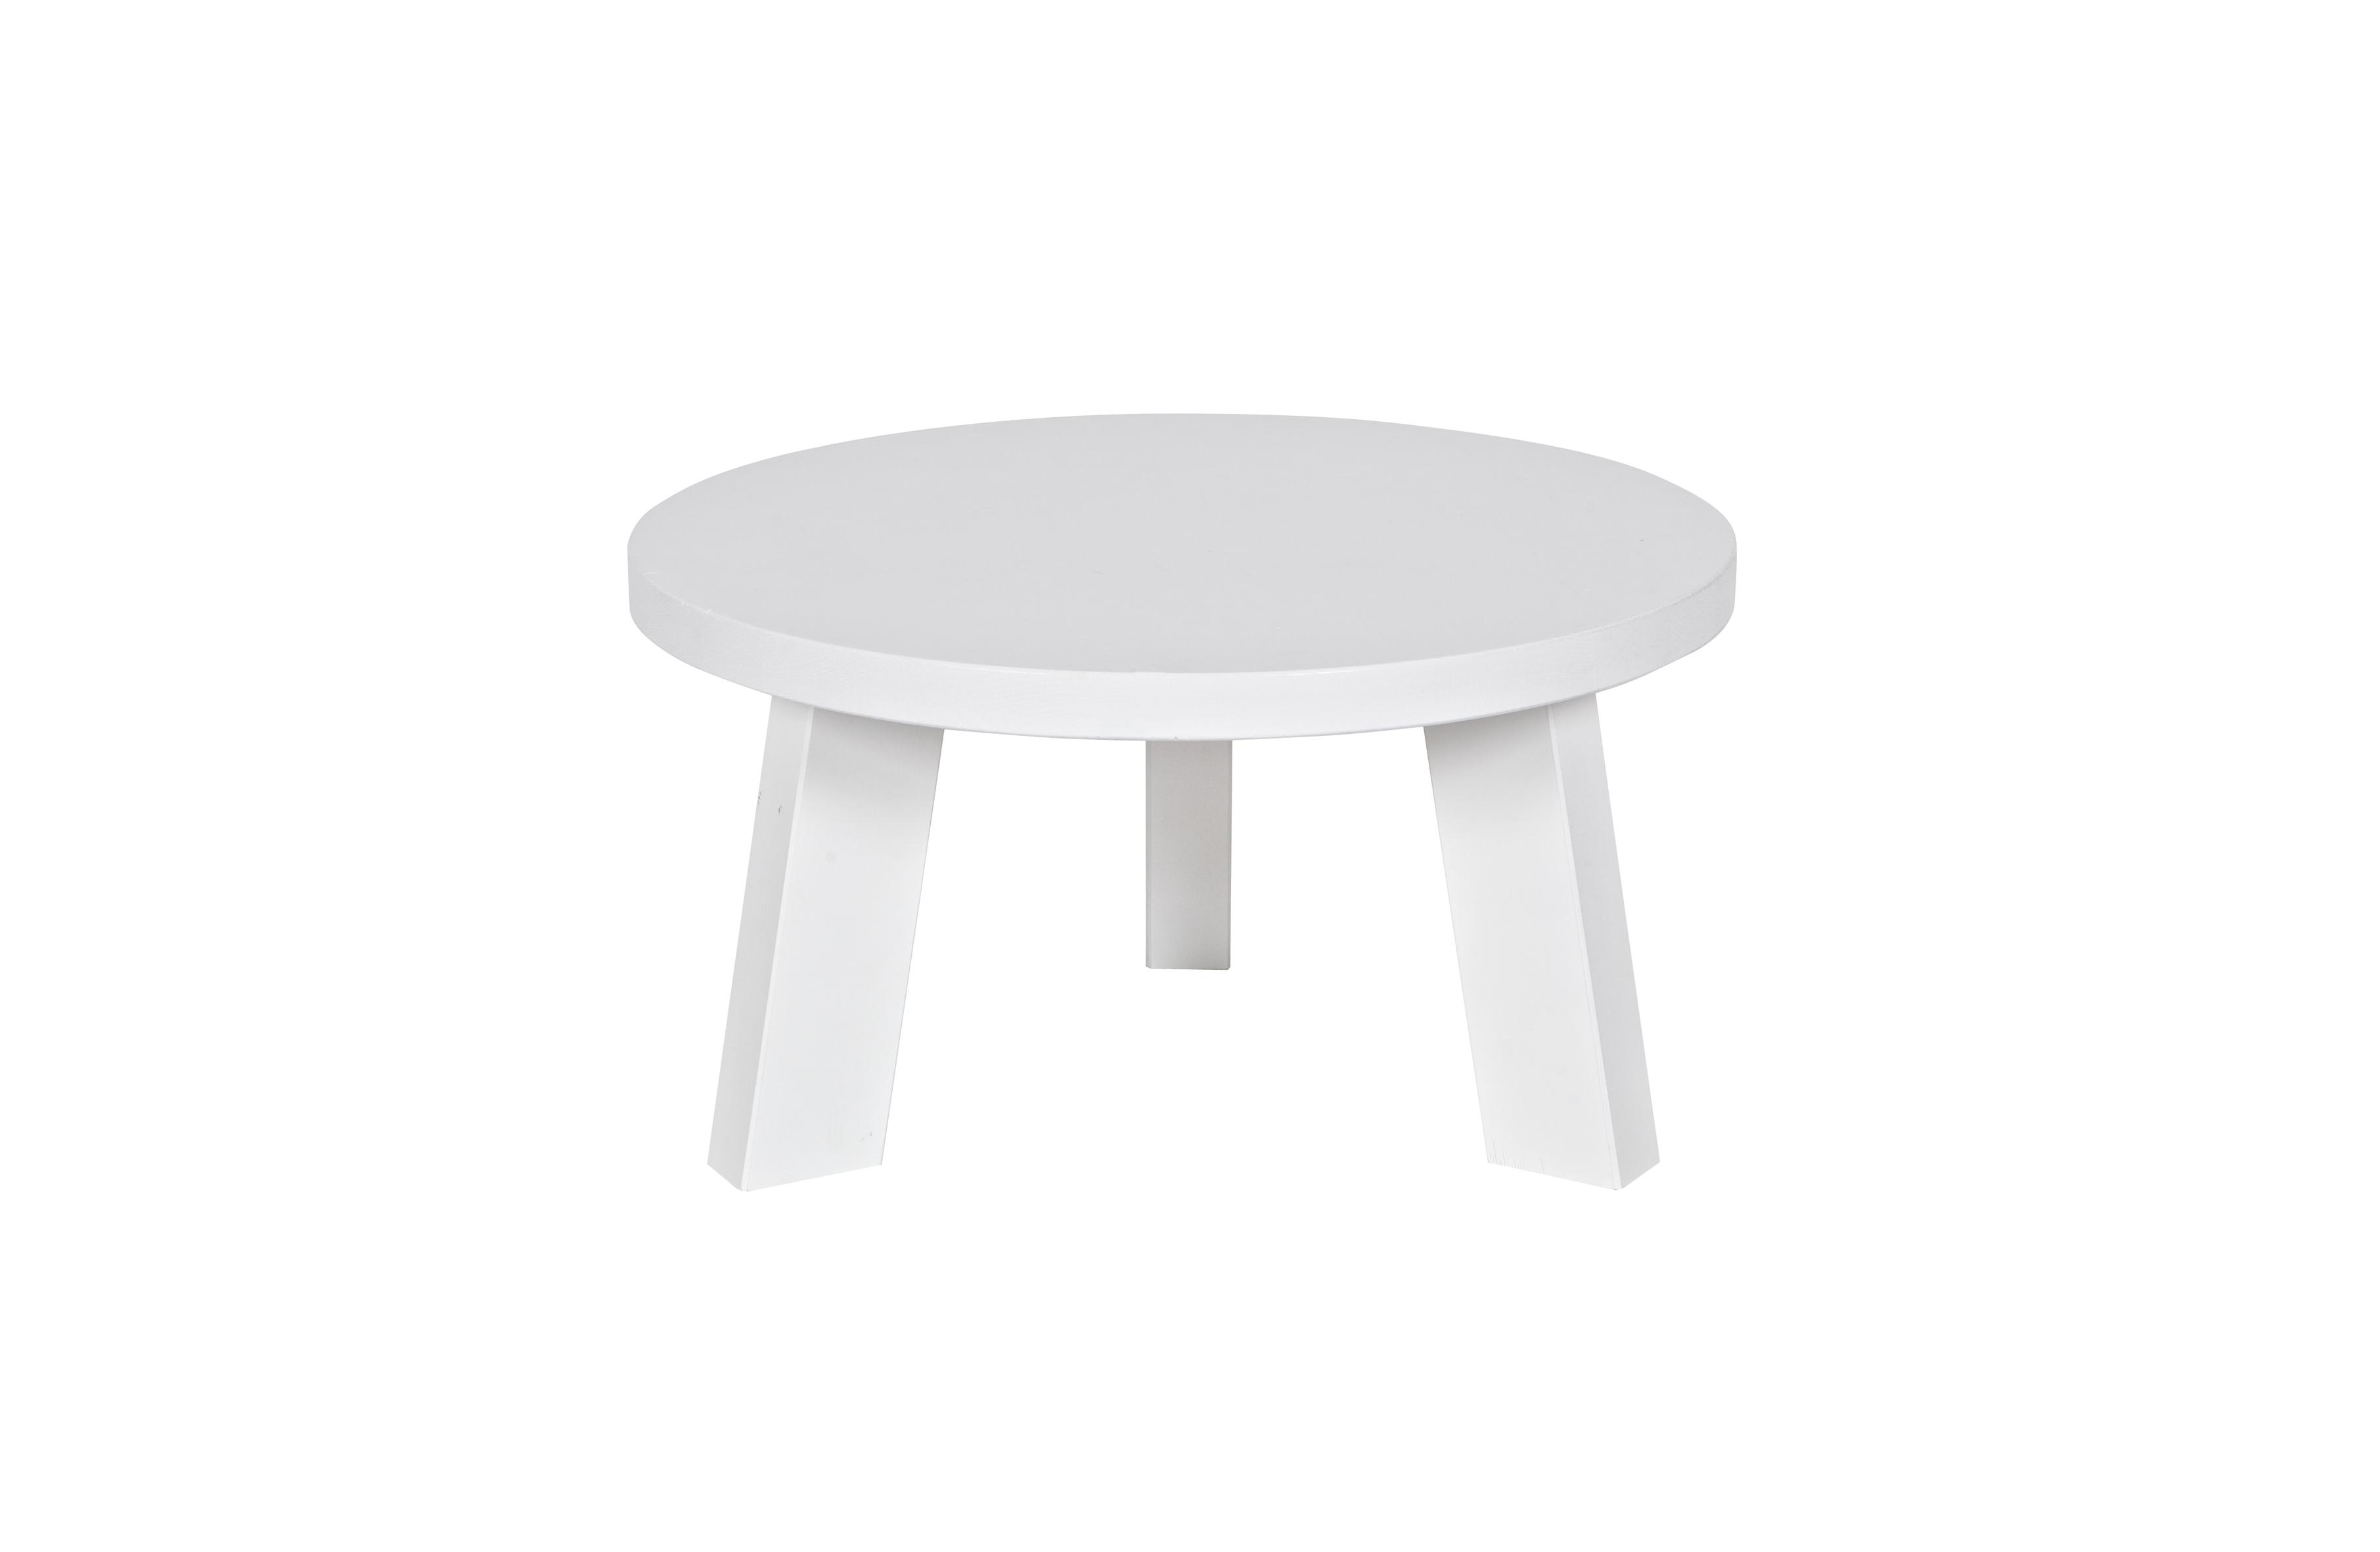 Ikea Witte Stoel : Ikea ronde tafel met stoelen